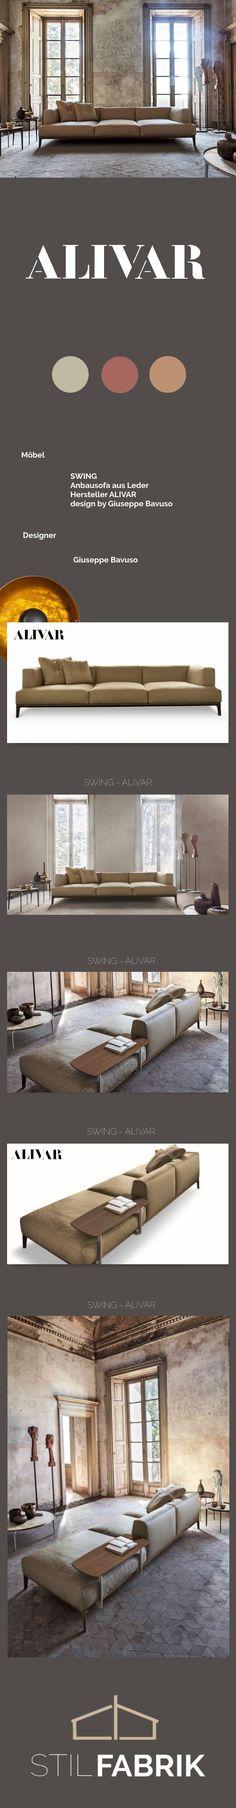 Stil Konzept ## SWING ALIVAR Anbausofa Aus Leder Design By Giuseppe Bavuso #